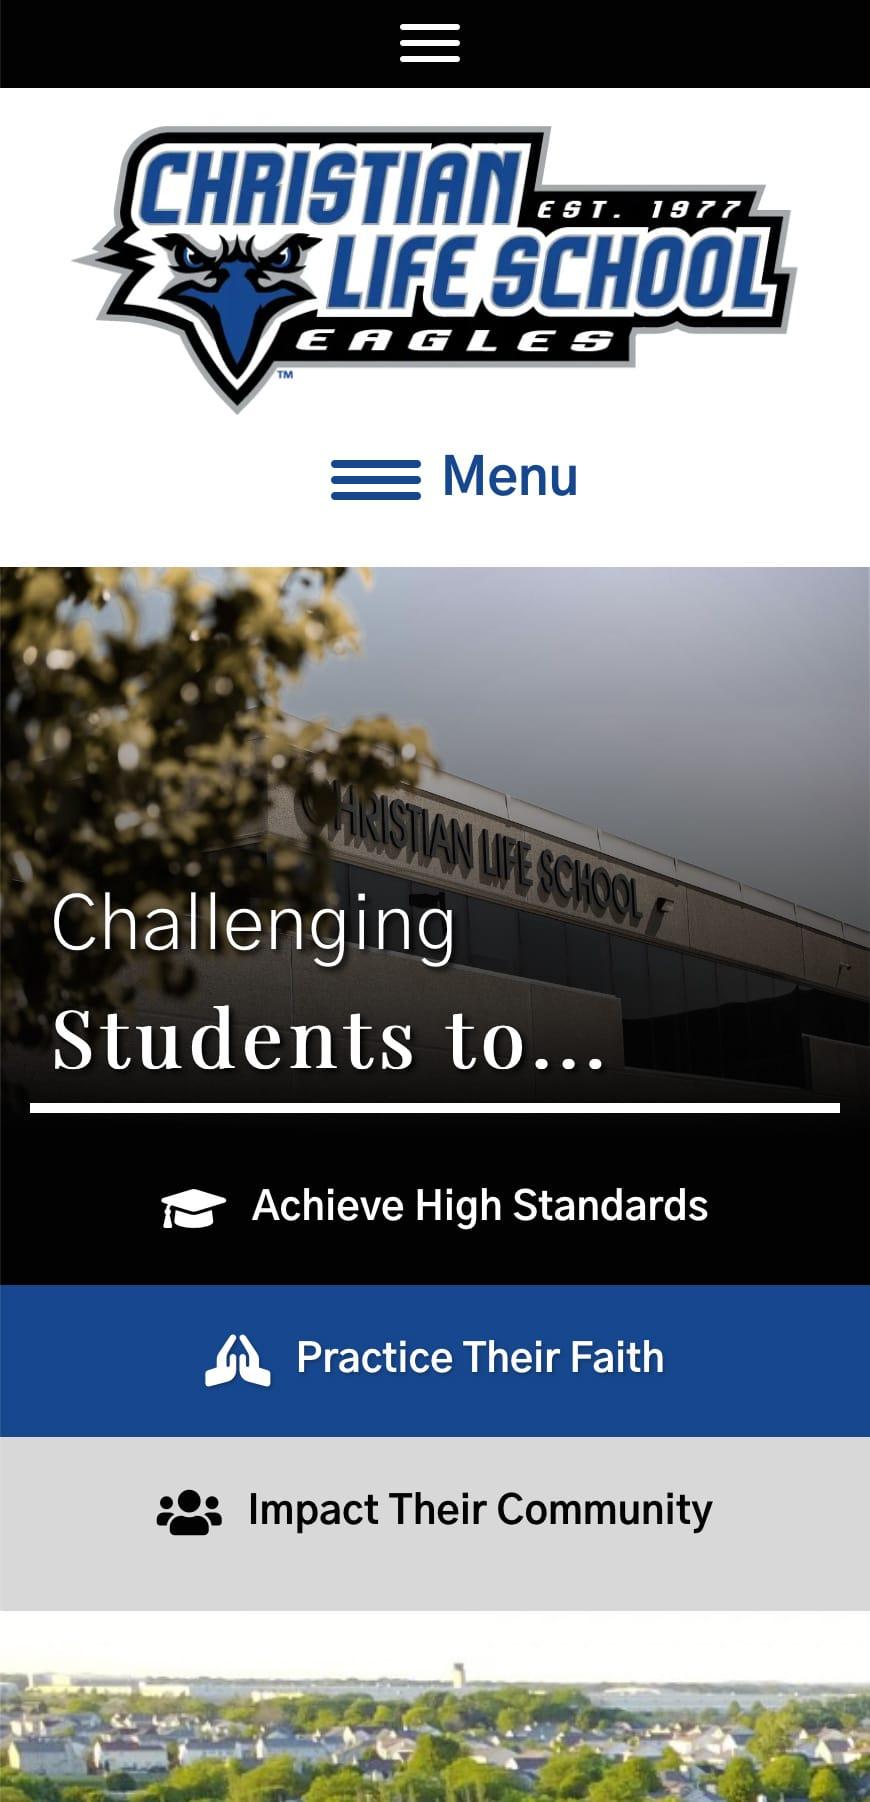 KCLSED Homepage Mobile 1